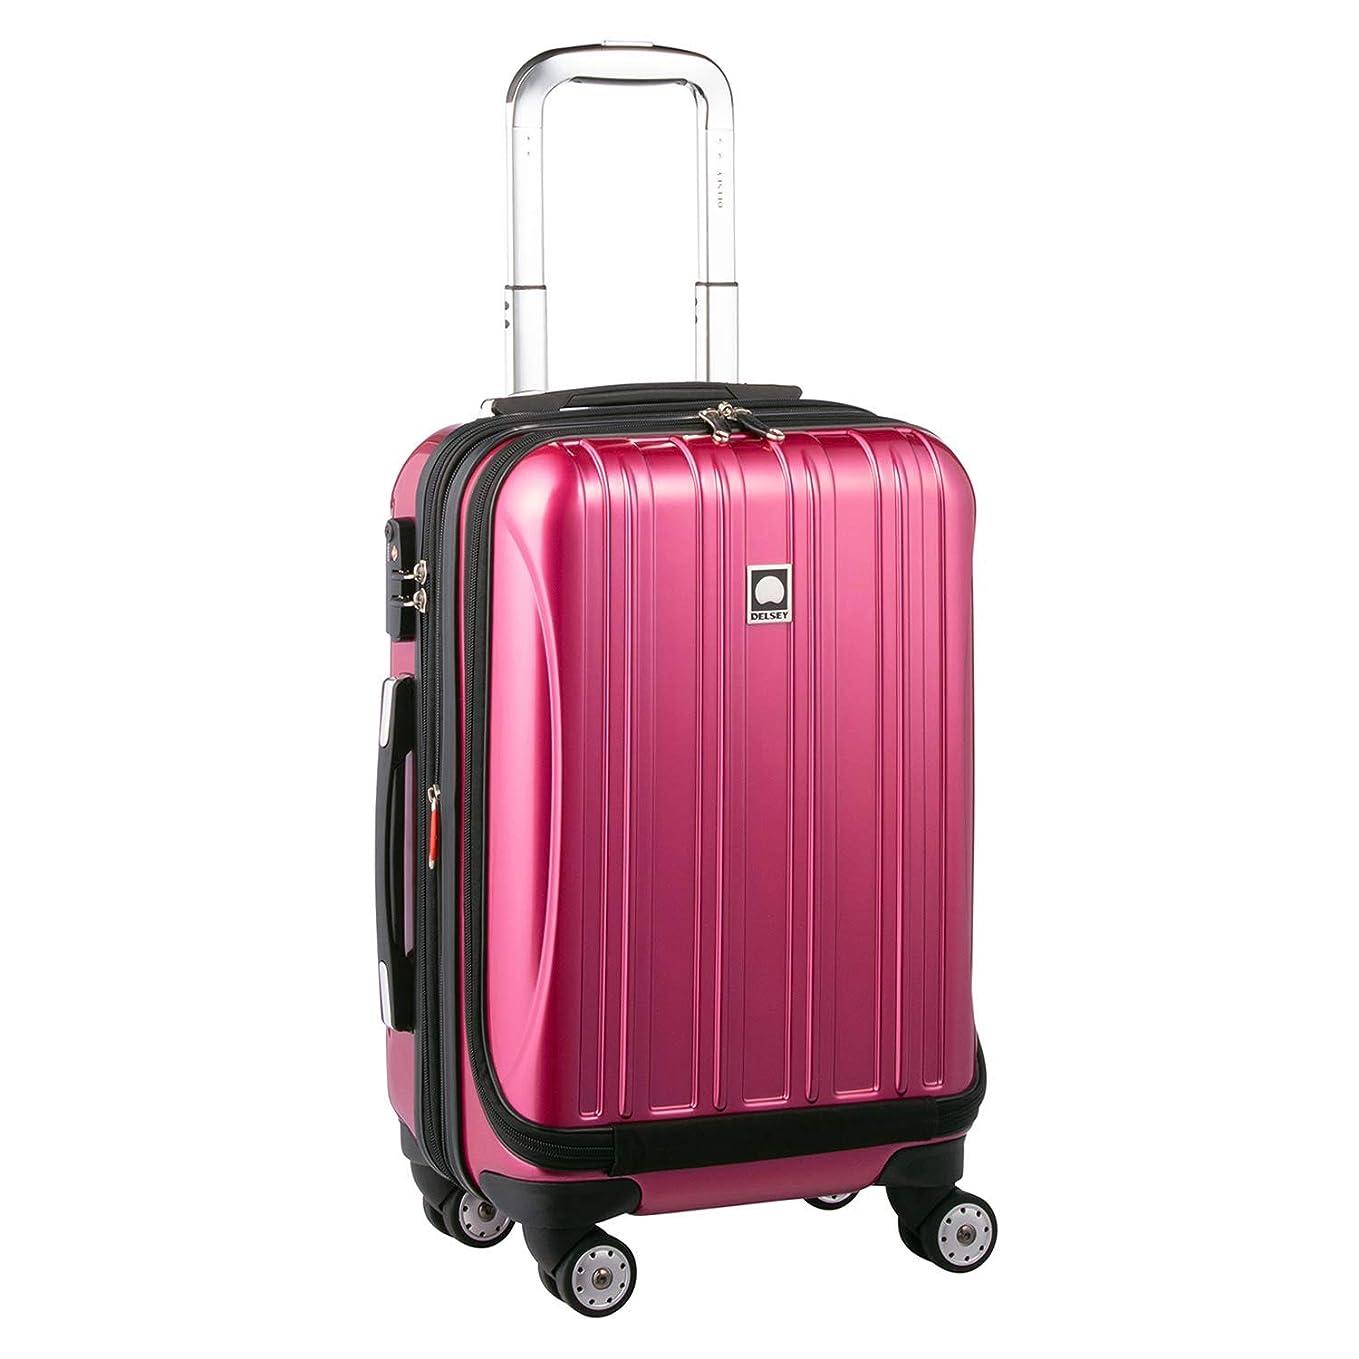 崩壊大脳温度計DELSEY デルセー スーツケース 拡張可能 helium aero キャリーケース ハードキャリーケース キャリーバッグ 鏡面加工 5年国際保証付